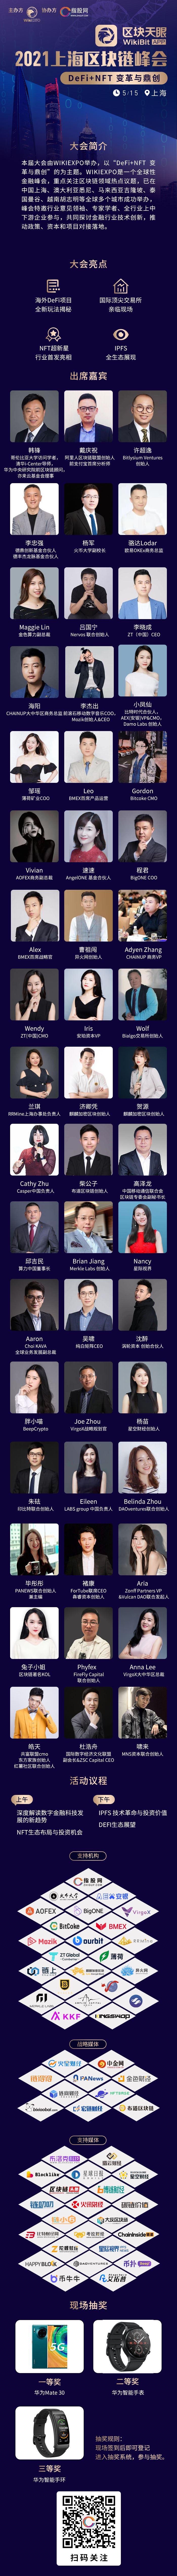 2021上海区块链峰会-朋友圈宣传图2105102021上海区块链峰会-朋友圈宣传图210510.jpg